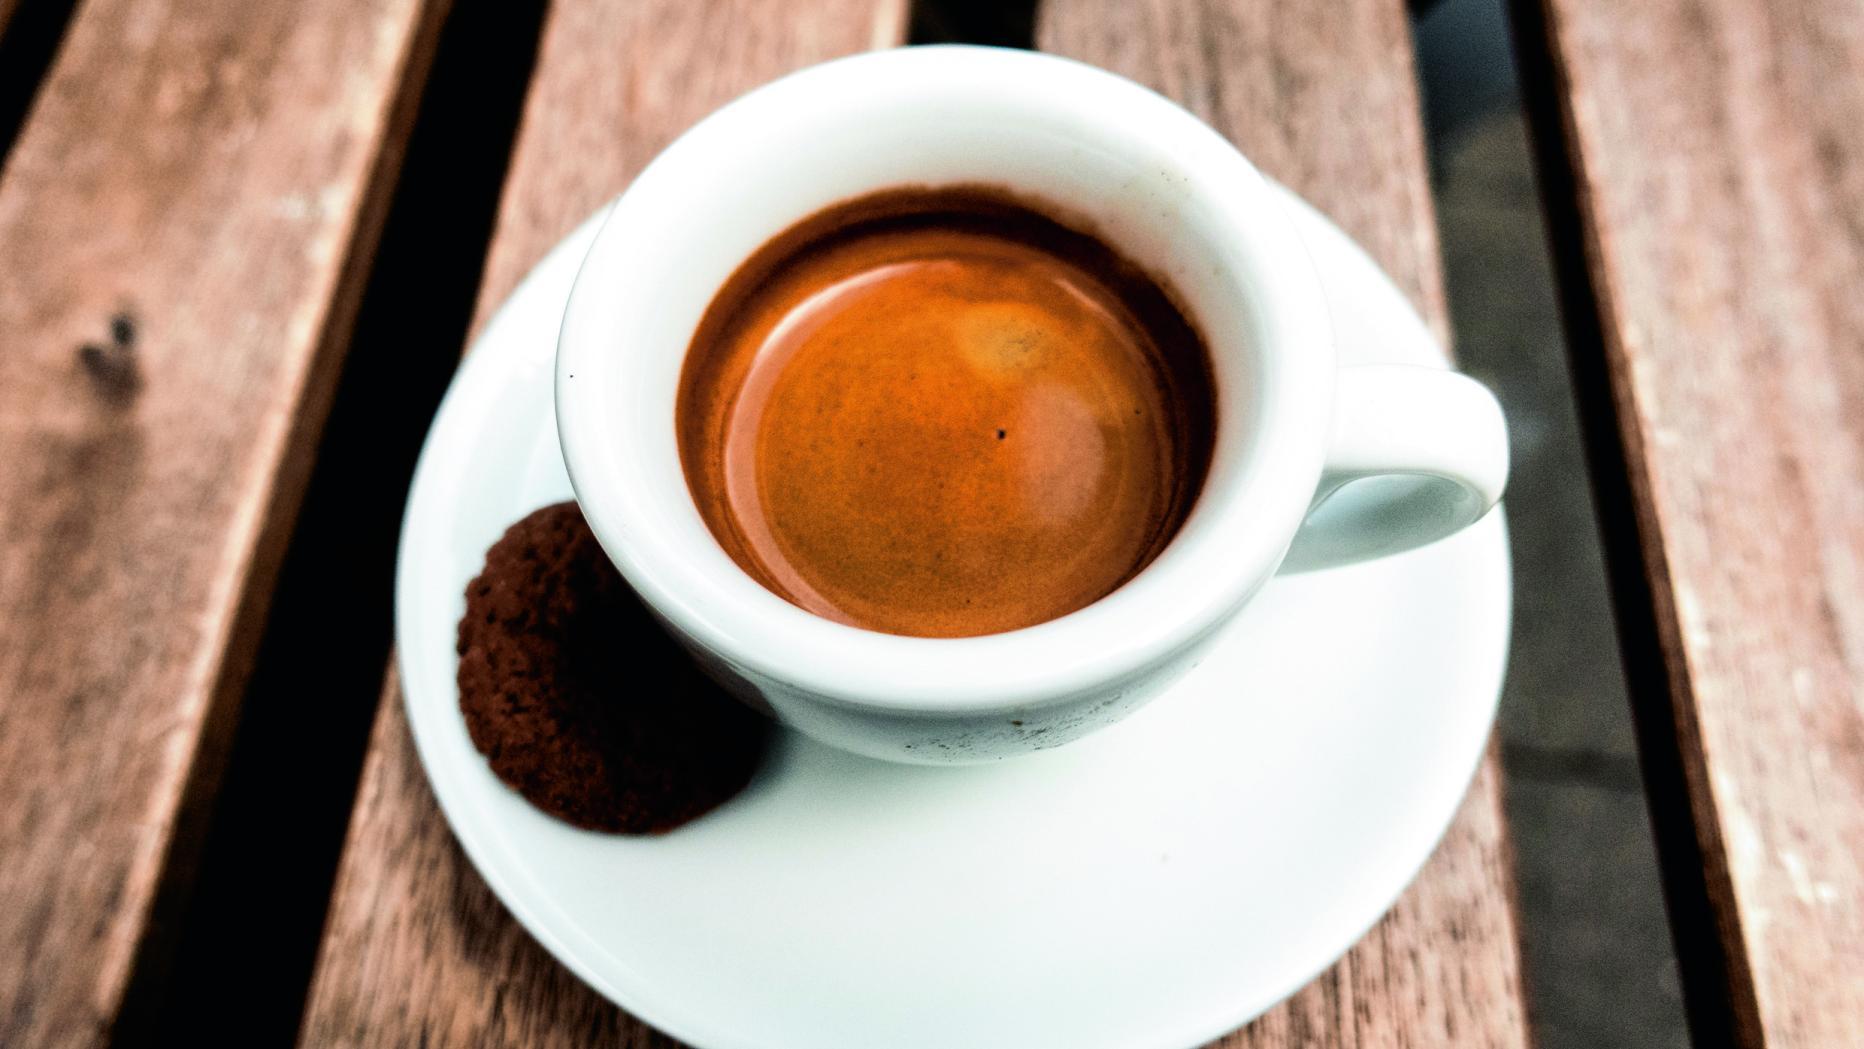 Tag 25 Pro Forscher Sind Tassen Noch Auch Kaffee GesundSagen tshQrd